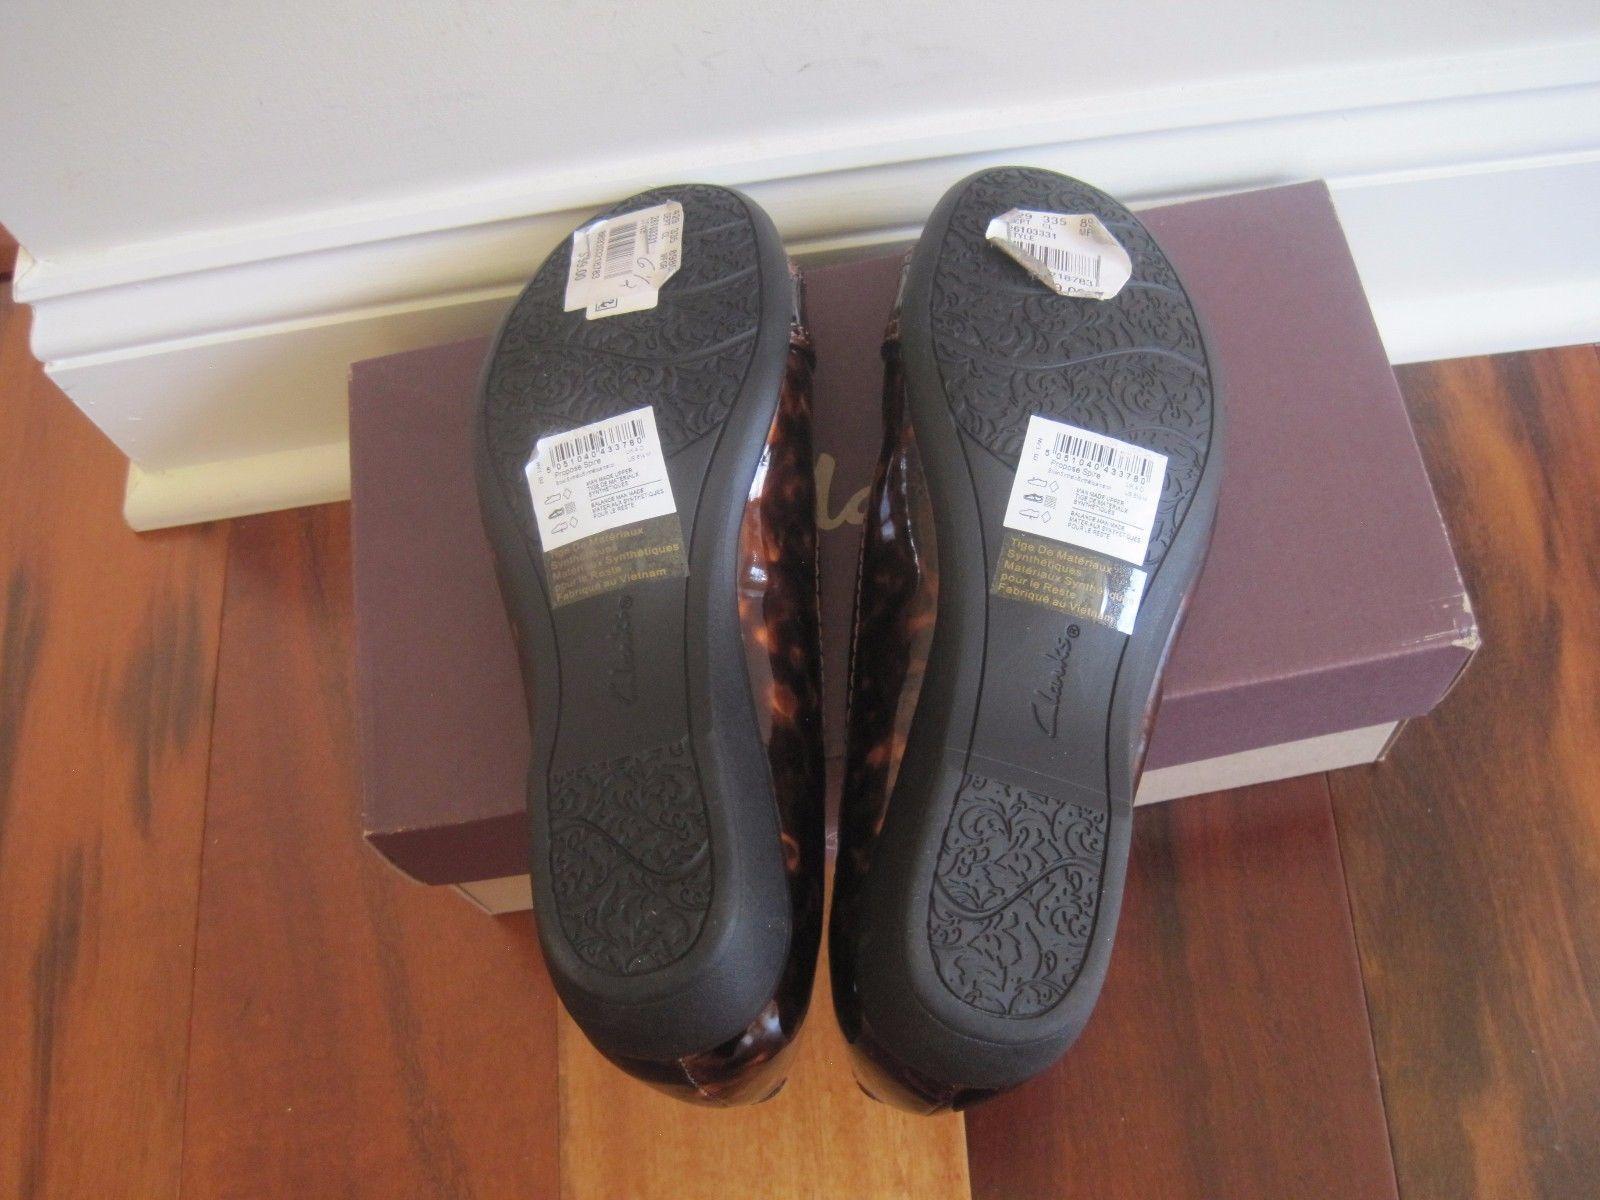 Nuevo Y en Caja Clarks Zapatos Planos sintético proponer Chapitel para mujer, sintético Planos marrón, talla 6.5M,  99 1c867e